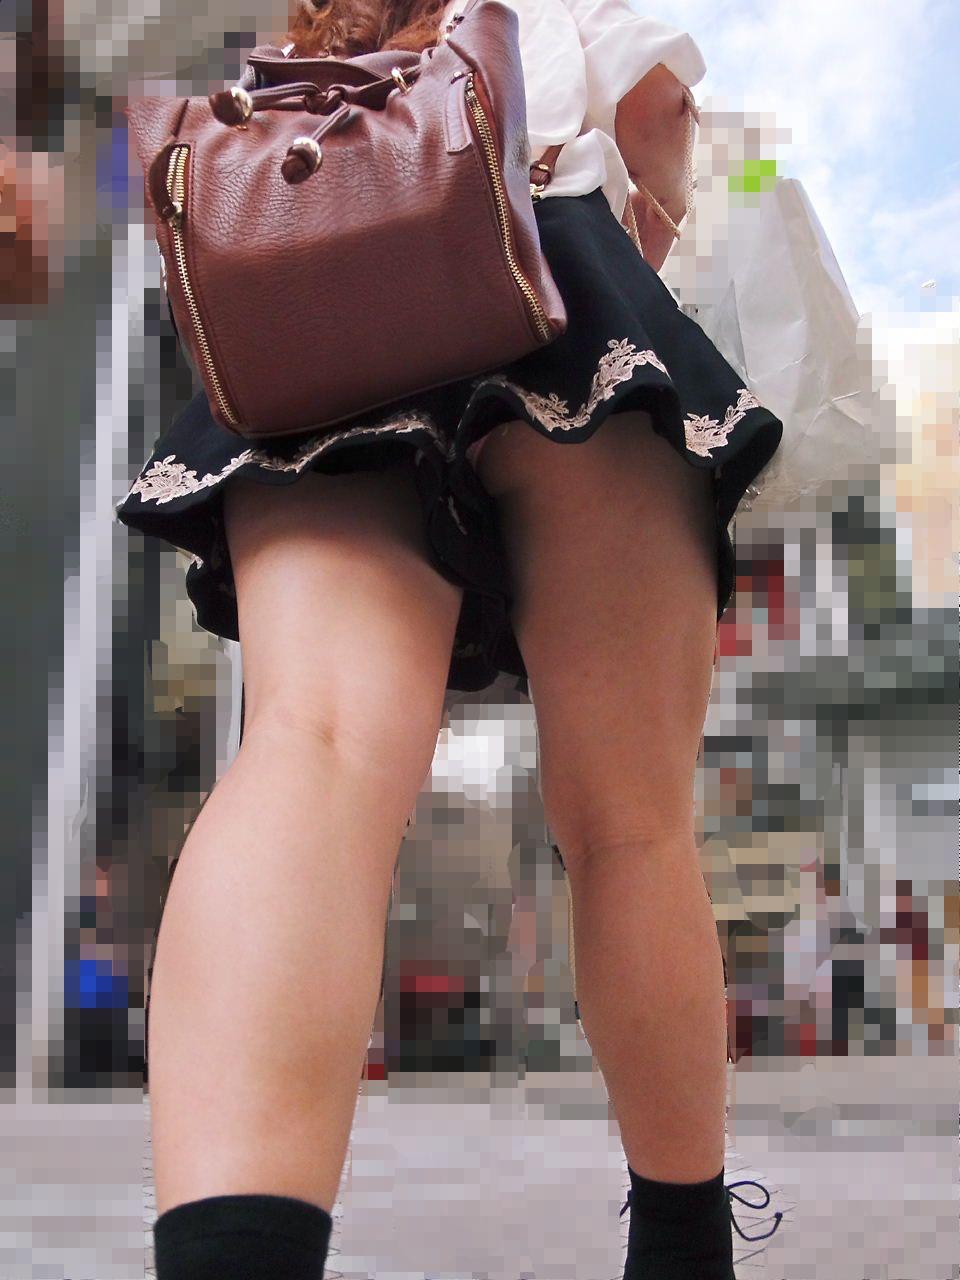 キュロット 隙間 パンツ 逆さ撮り パンチラ エロ画像【20】